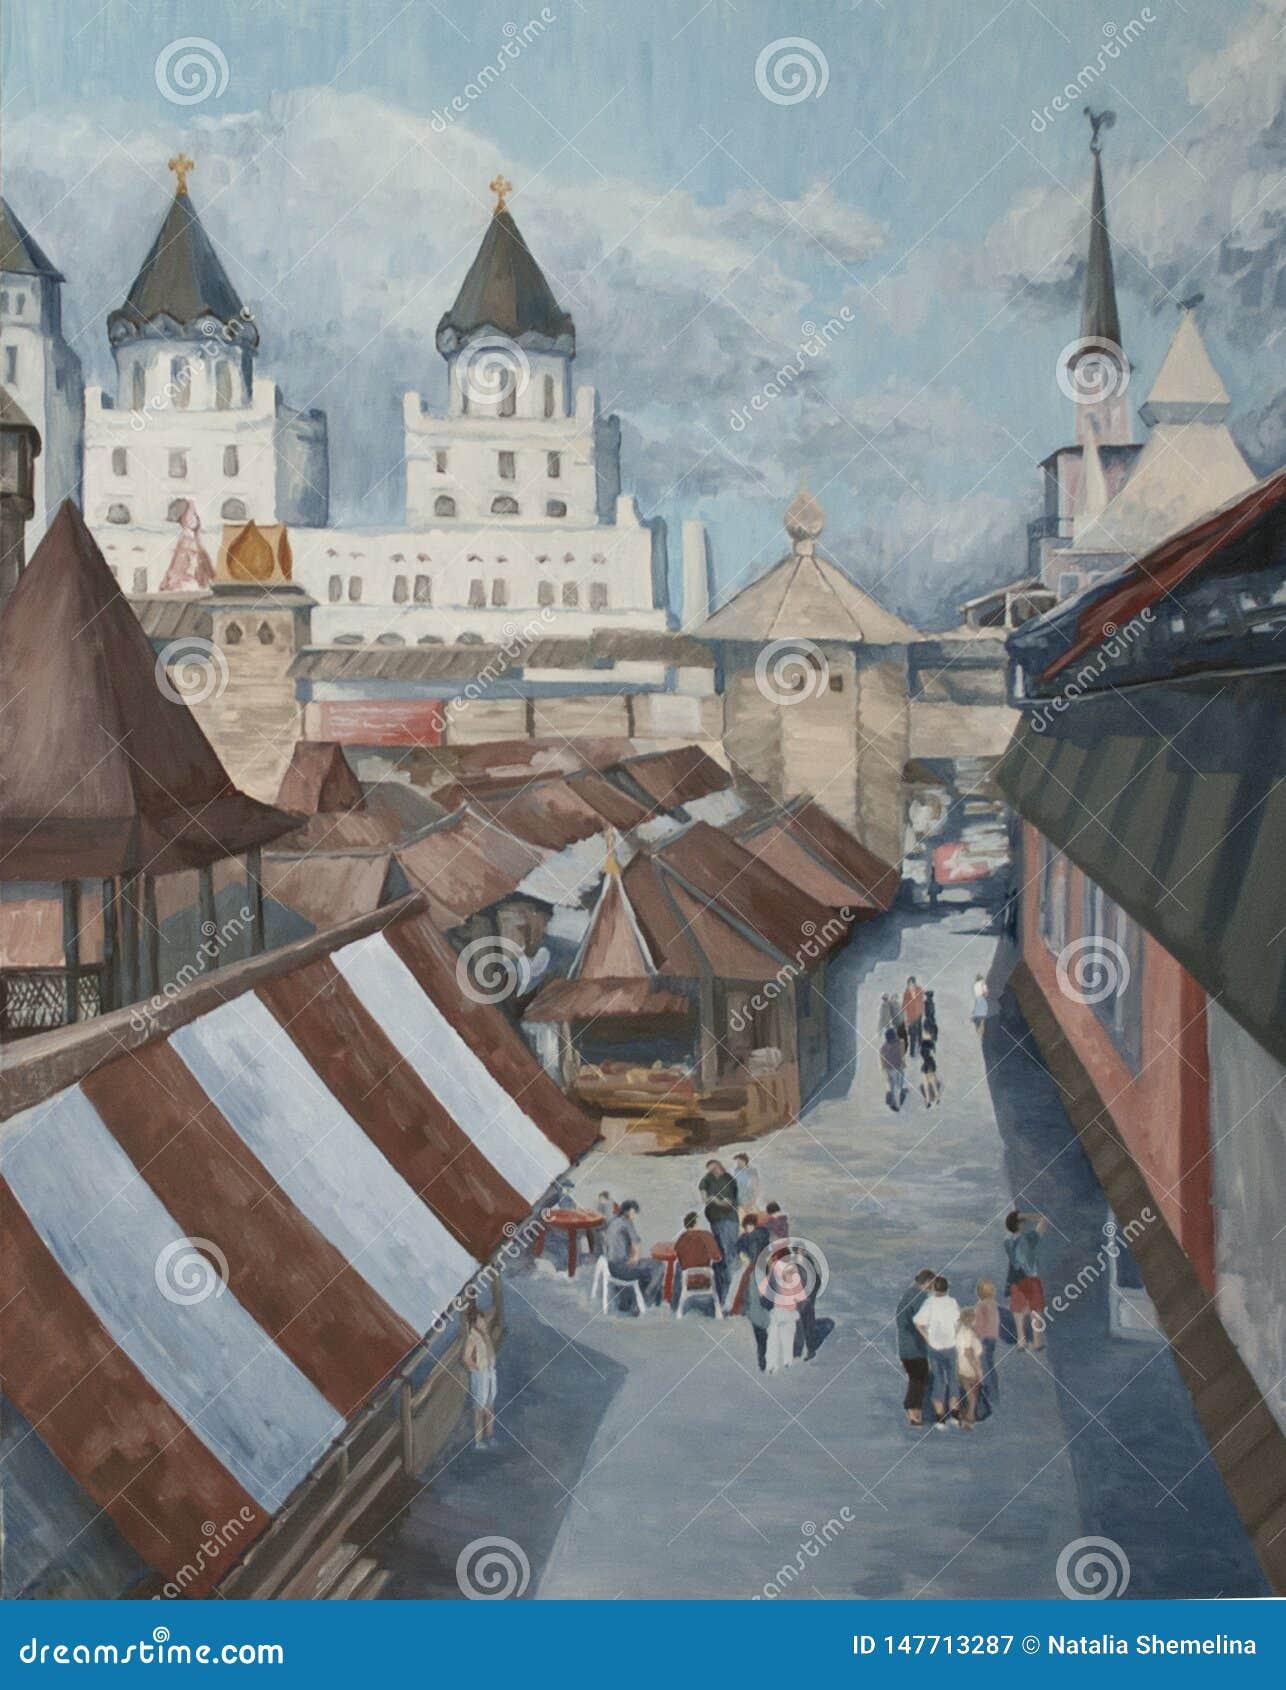 Paisaje retro de la ciudad con los palacios y las catedrales